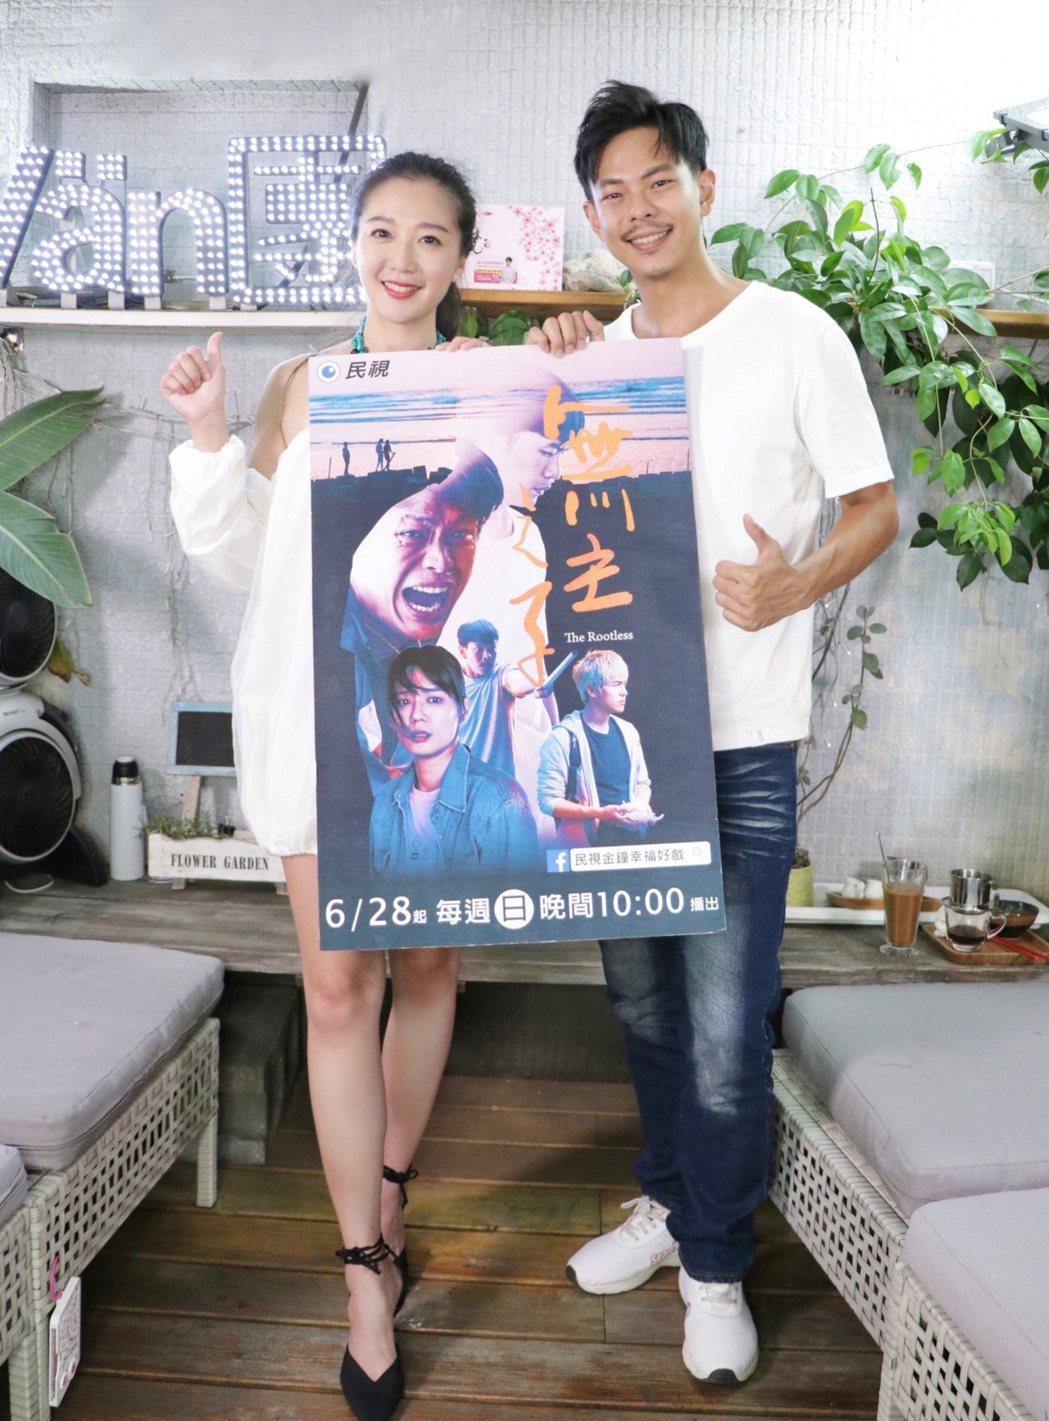 孫綻(右)、李相林宣傳新戲「無主之子」。圖/民視提供